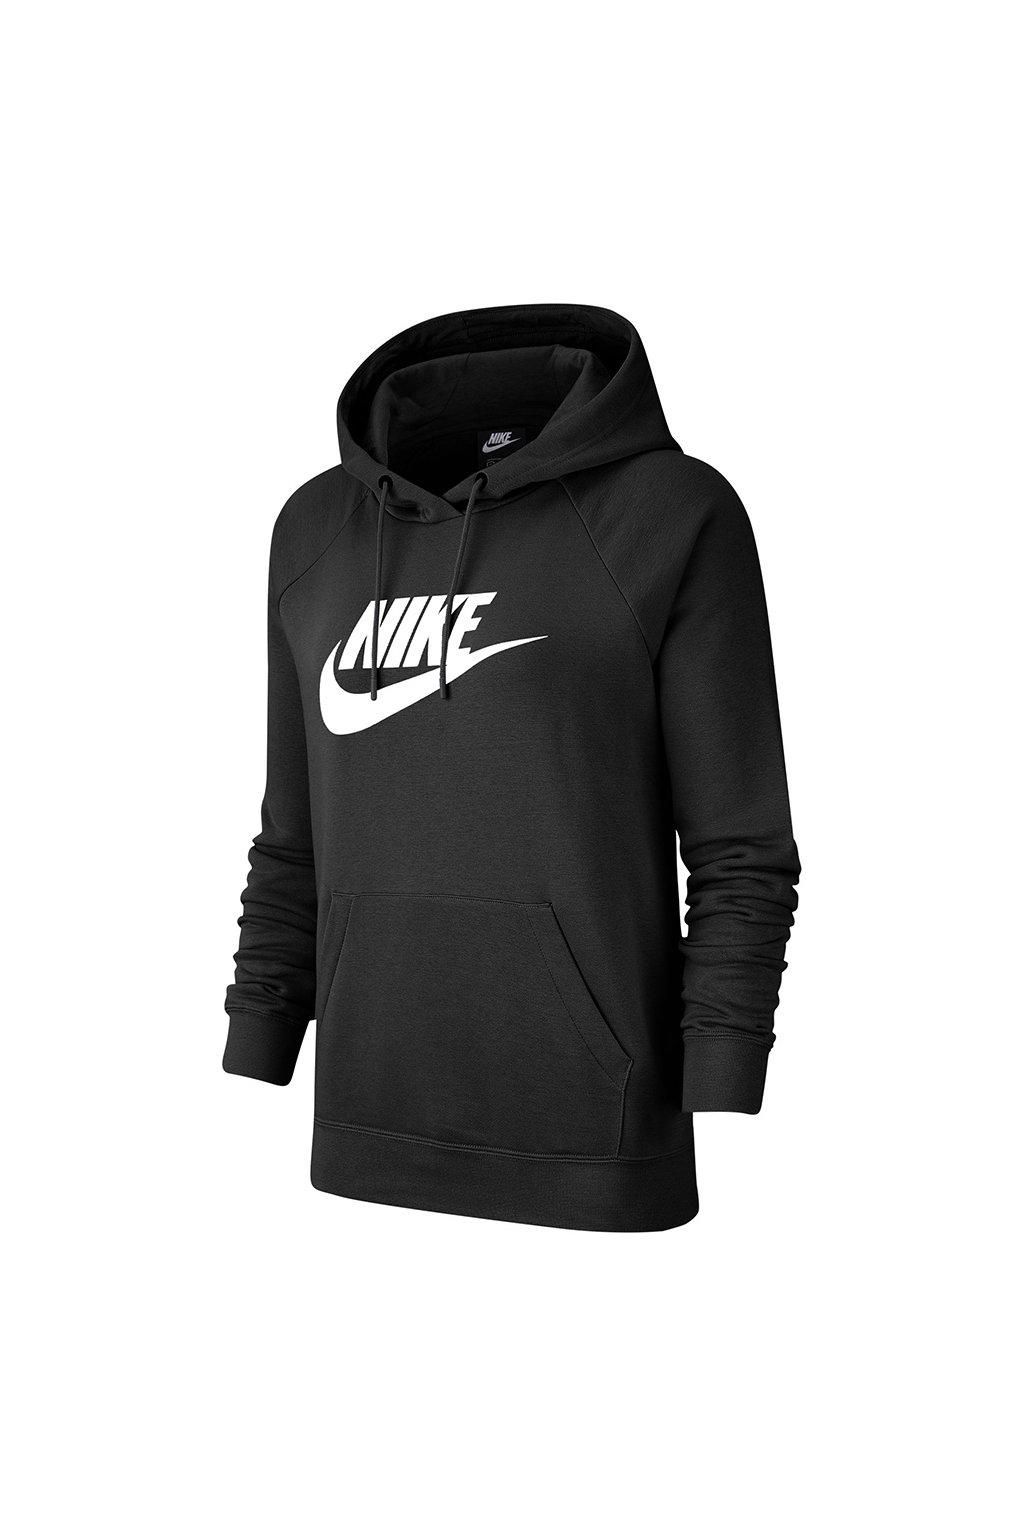 Dámska mikina Nike W Essential Hoodie PO HBR čierna BV4126 010